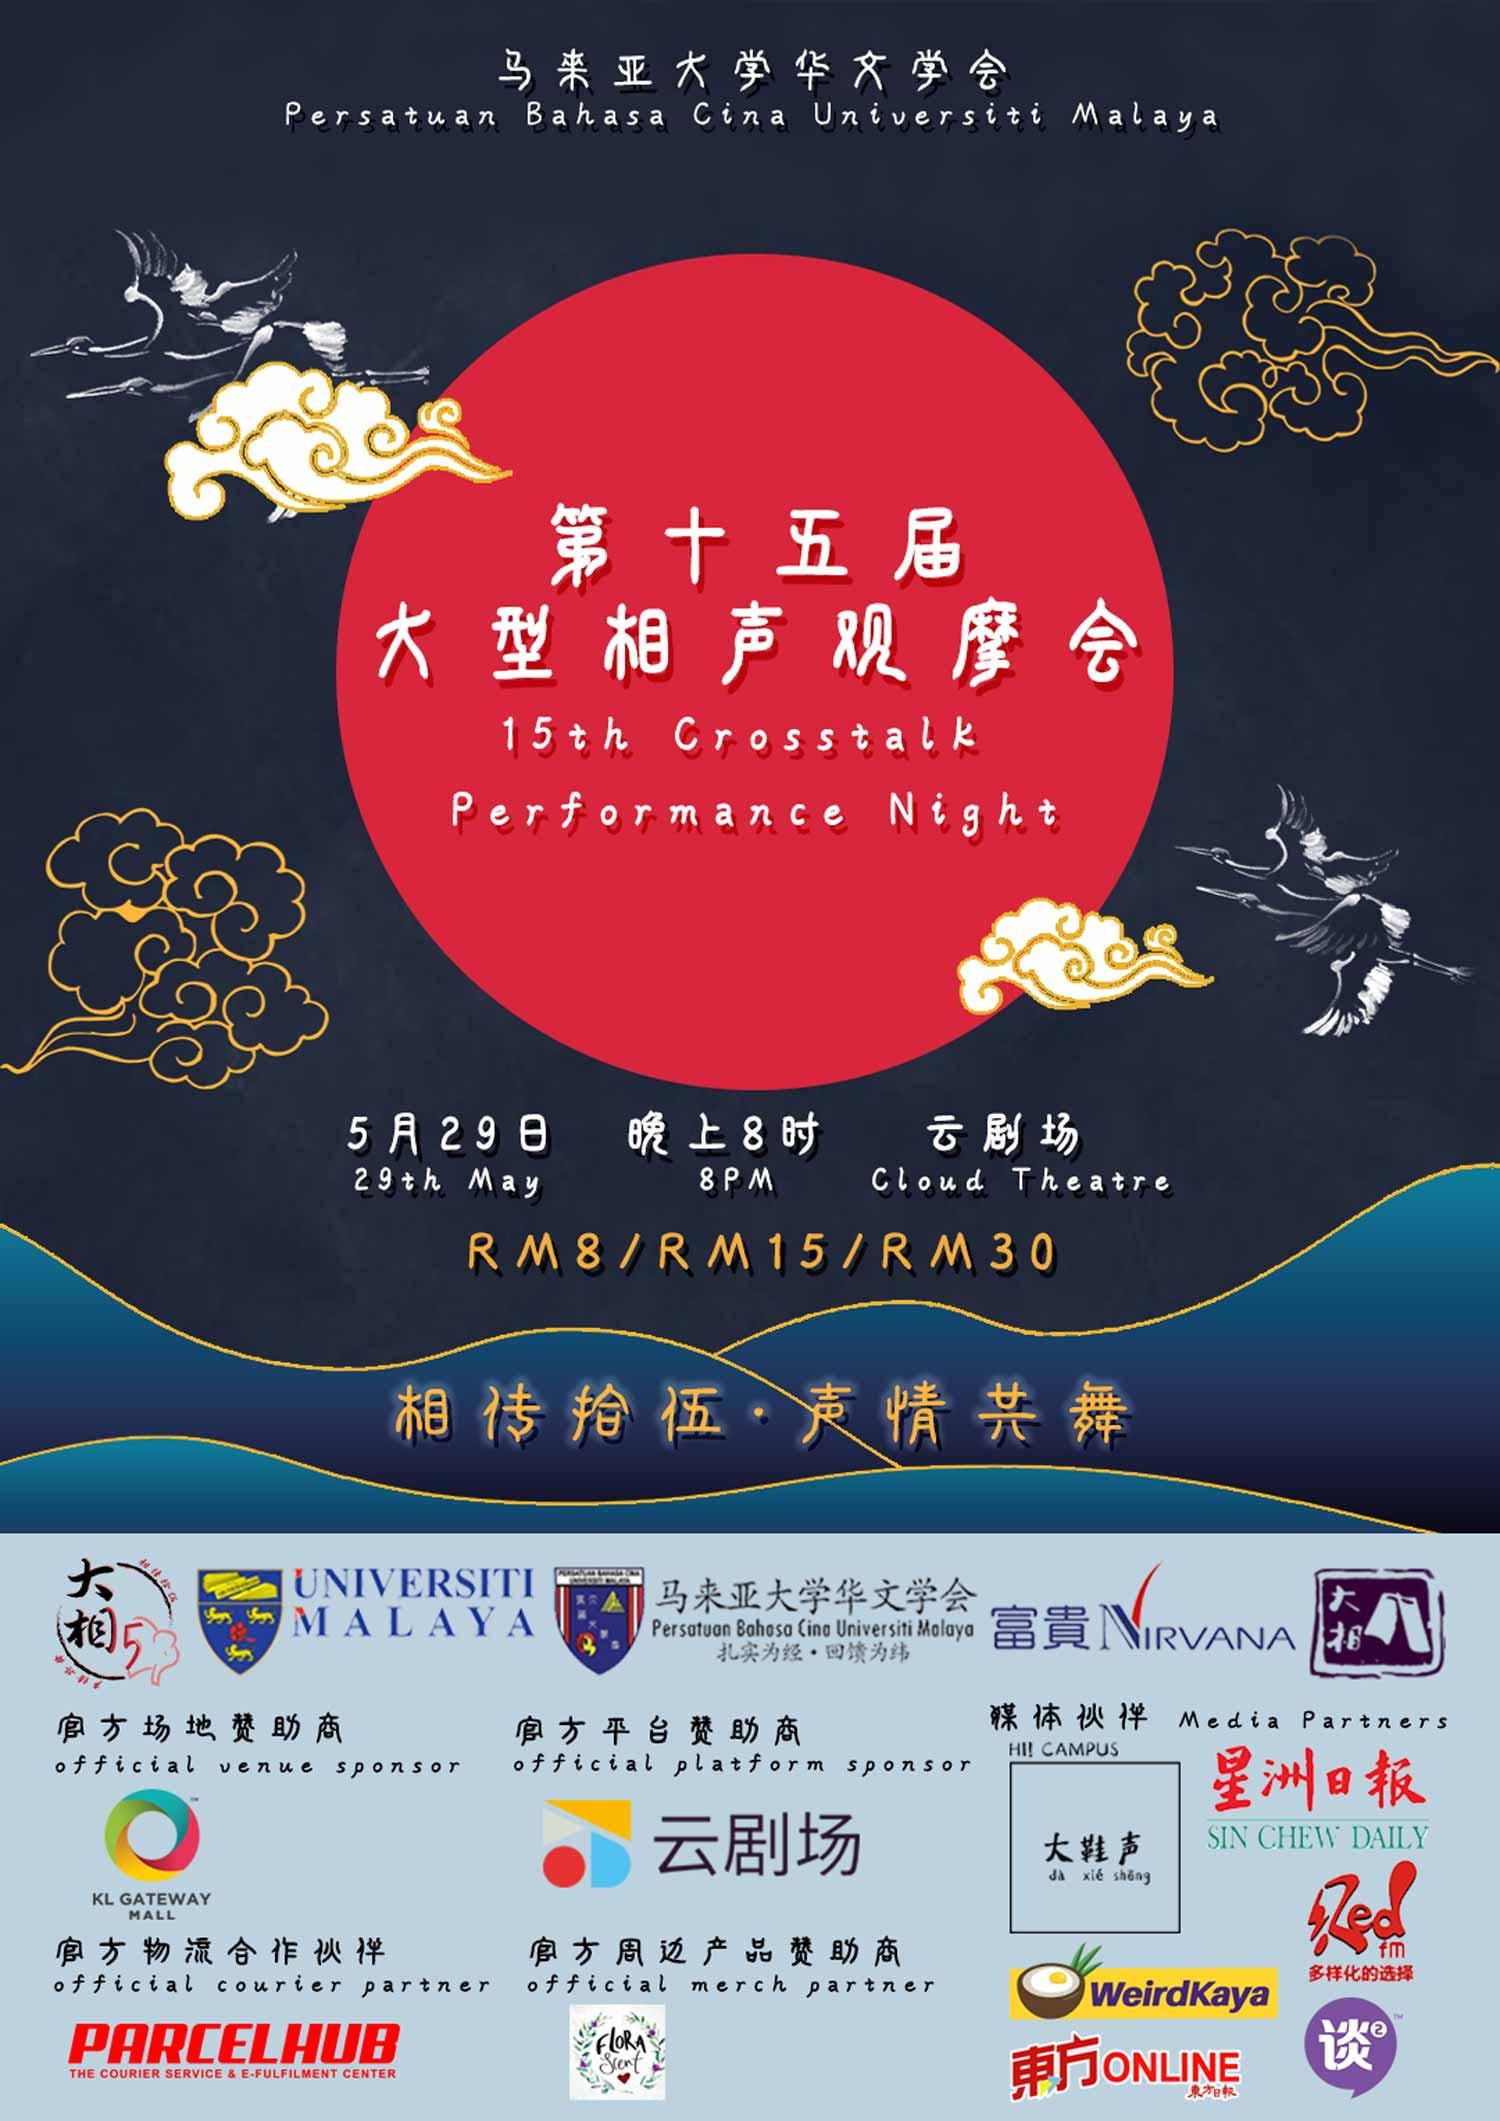 第十五届大相相声观摩会 15th Crosstalk Performance Night